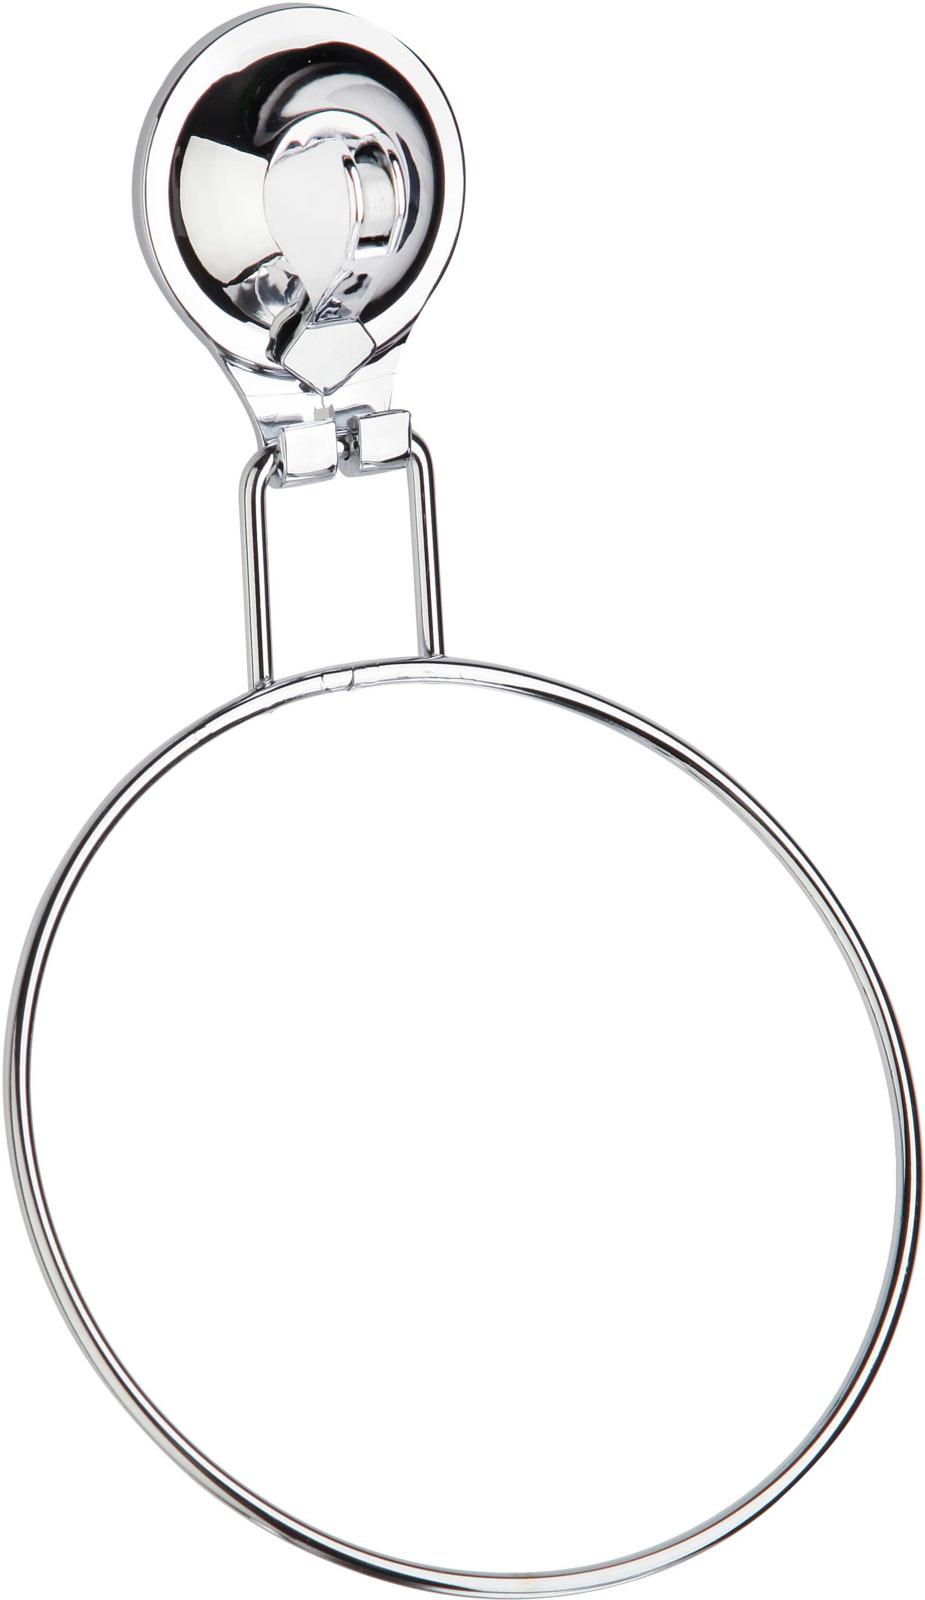 Держатель для полотенец Fora Triumf, на присоске, T011, серебристый крючок для ванной fora triumf на присоске t053 серебристый